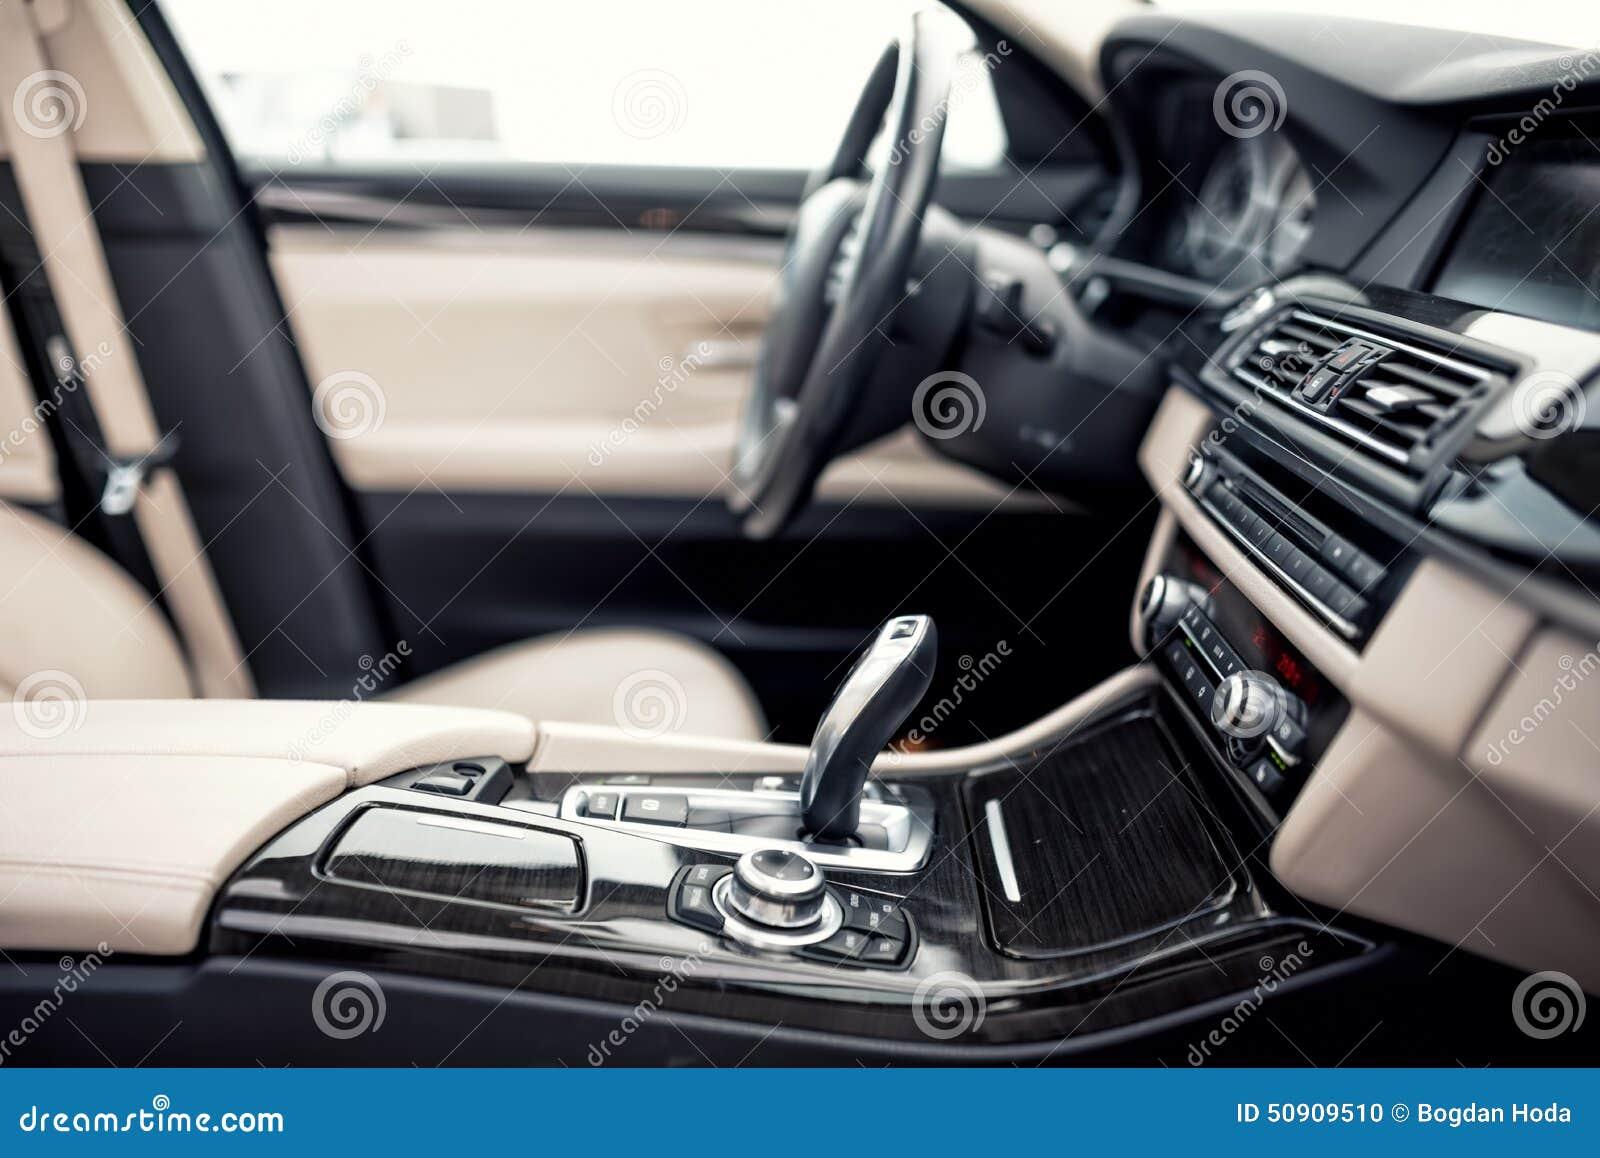 Interior bege e preto do carro moderno, dos detalhes do close-up de transmissão automática e da vara de engrenagem contra vagabun